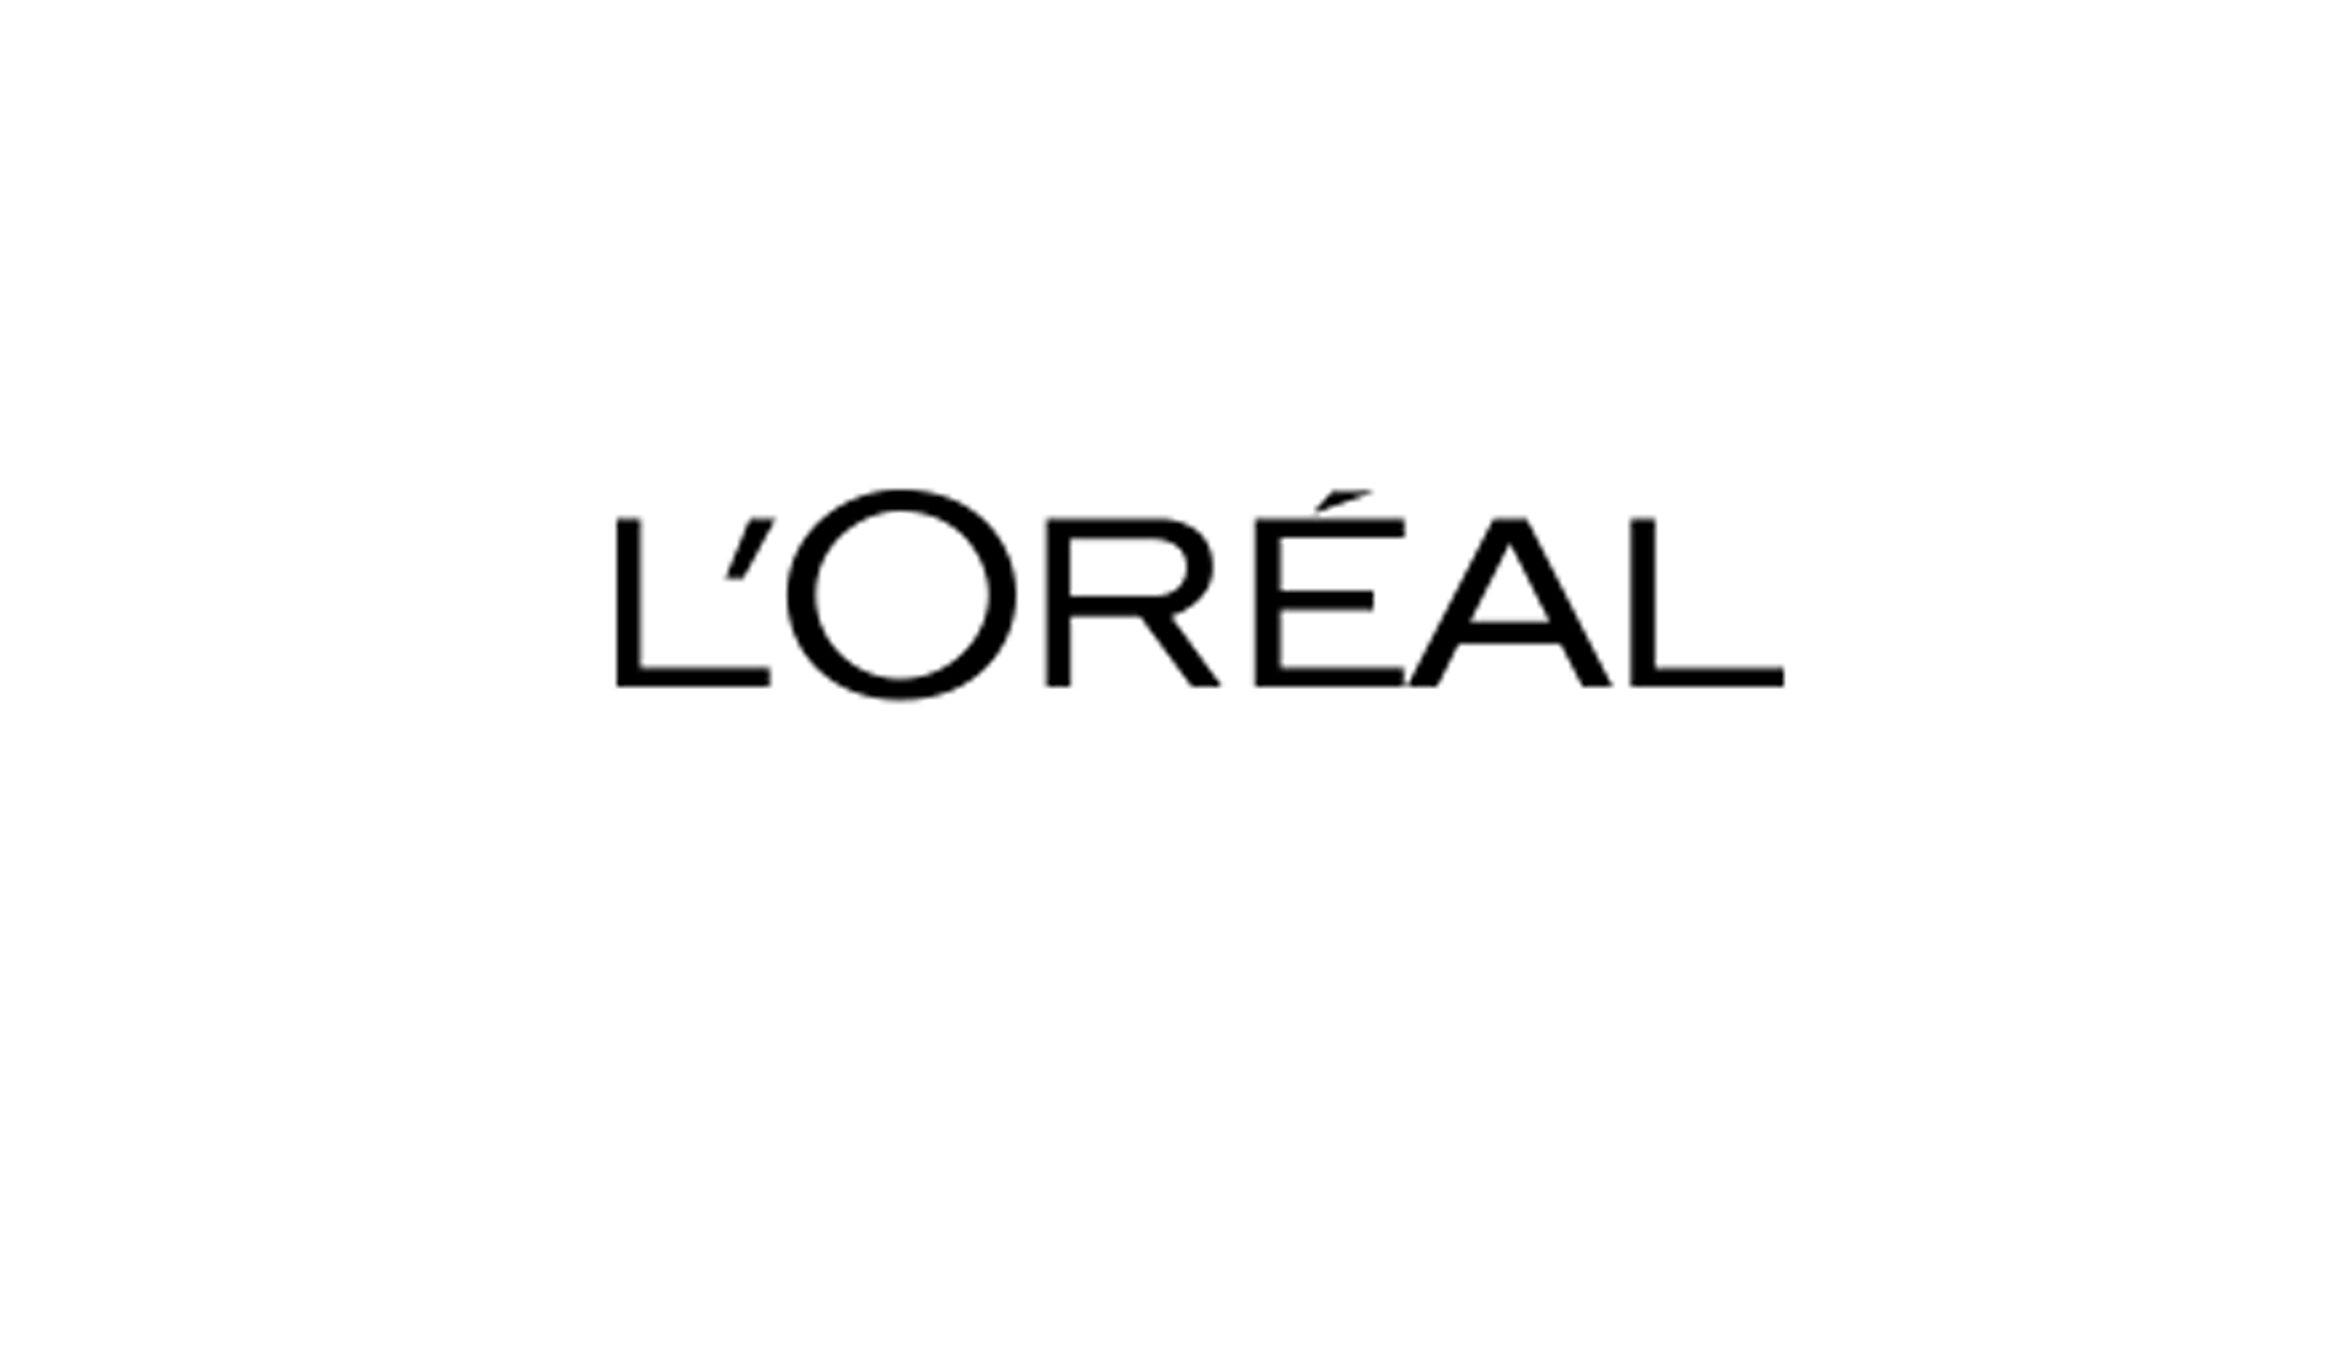 L'Oréal: Έμφαση στη βιώσιμη ανάπτυξη – Τι αλλάζει με τις συσκευασίες